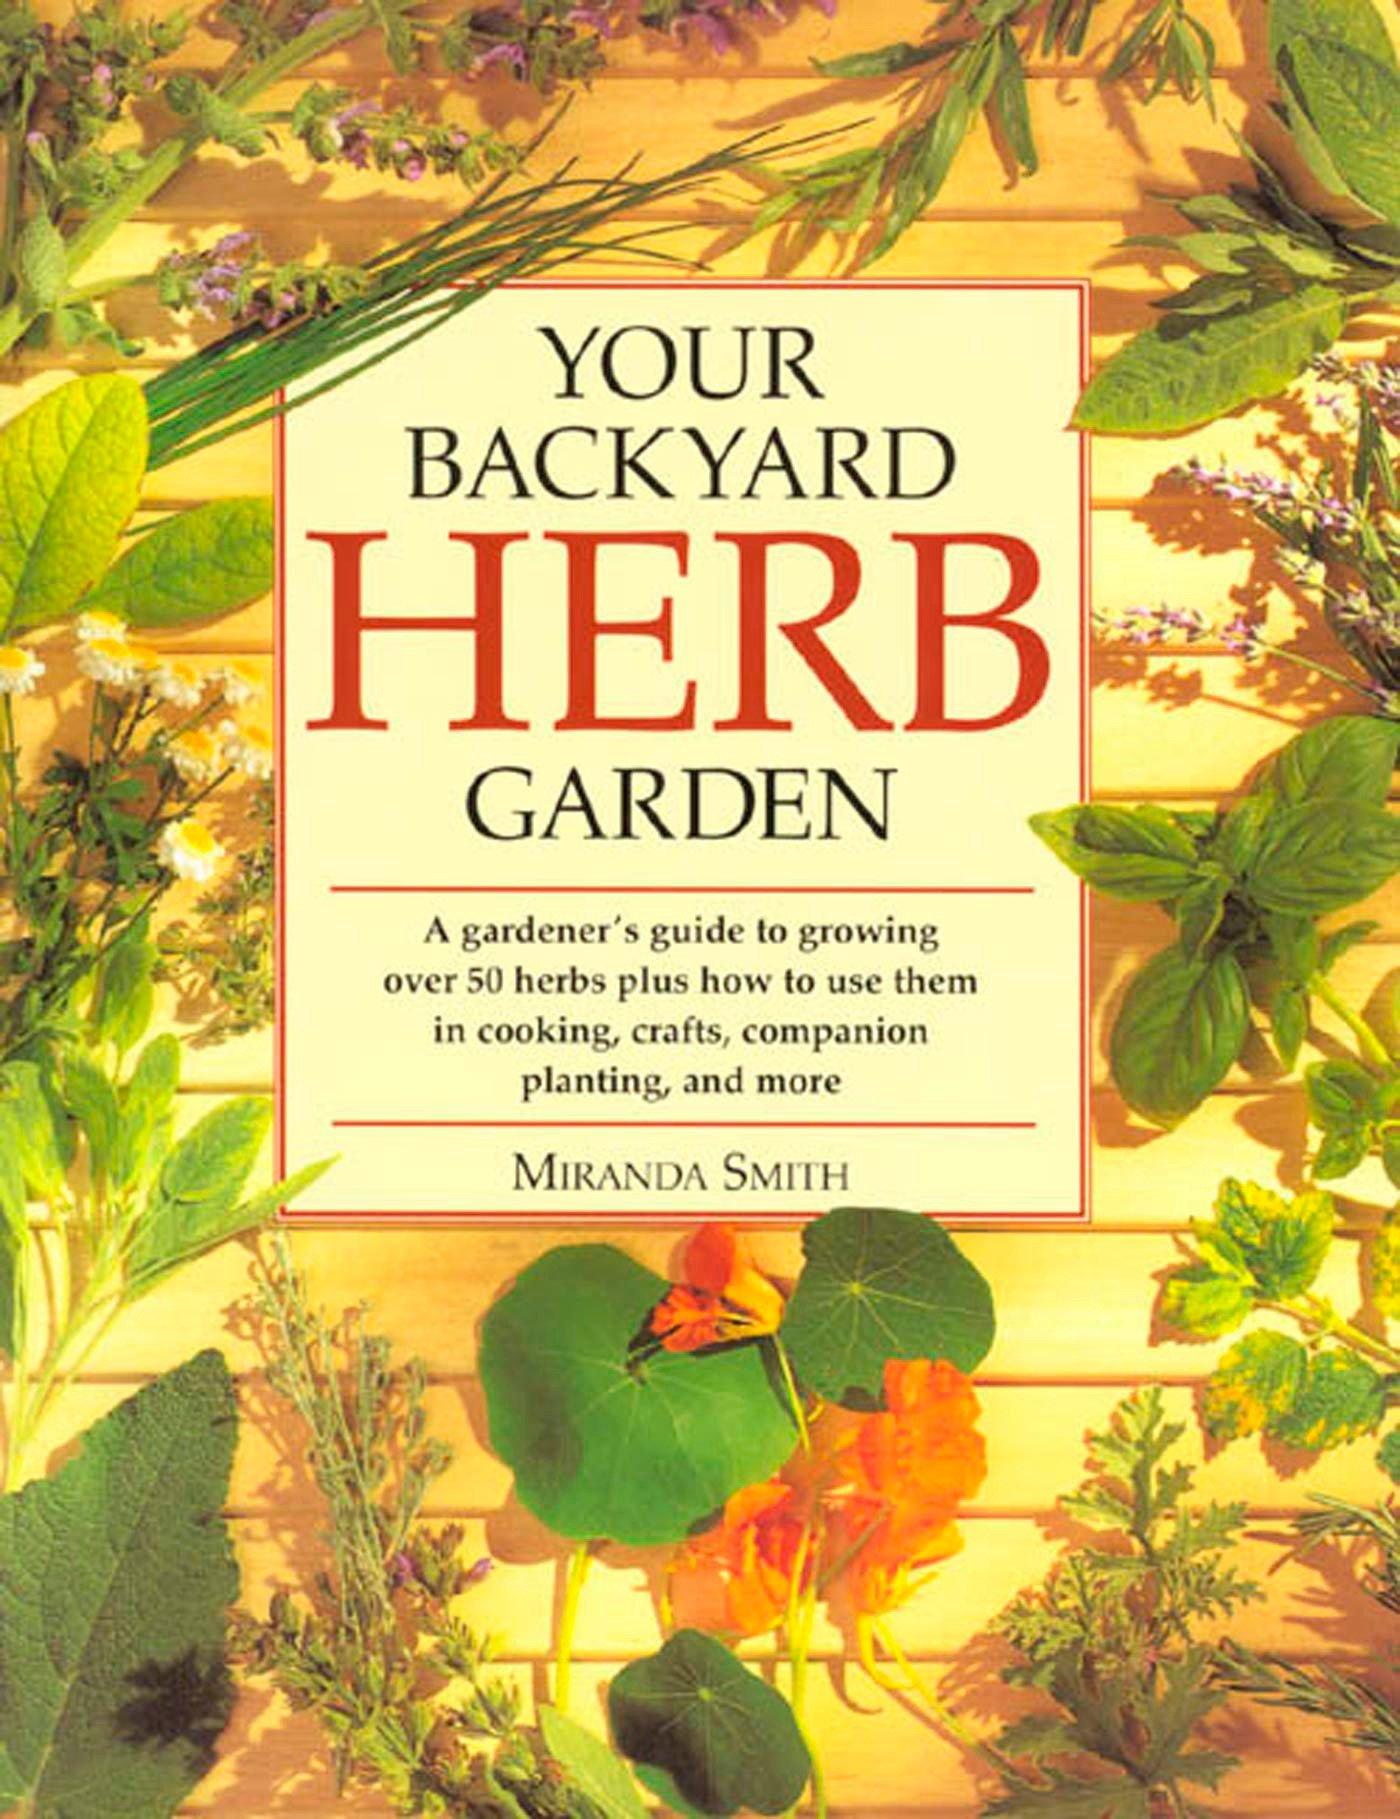 Your Backyard Herb Garden: A Gardener's Guide to Growing, Using and Enjoying Herbs Organically